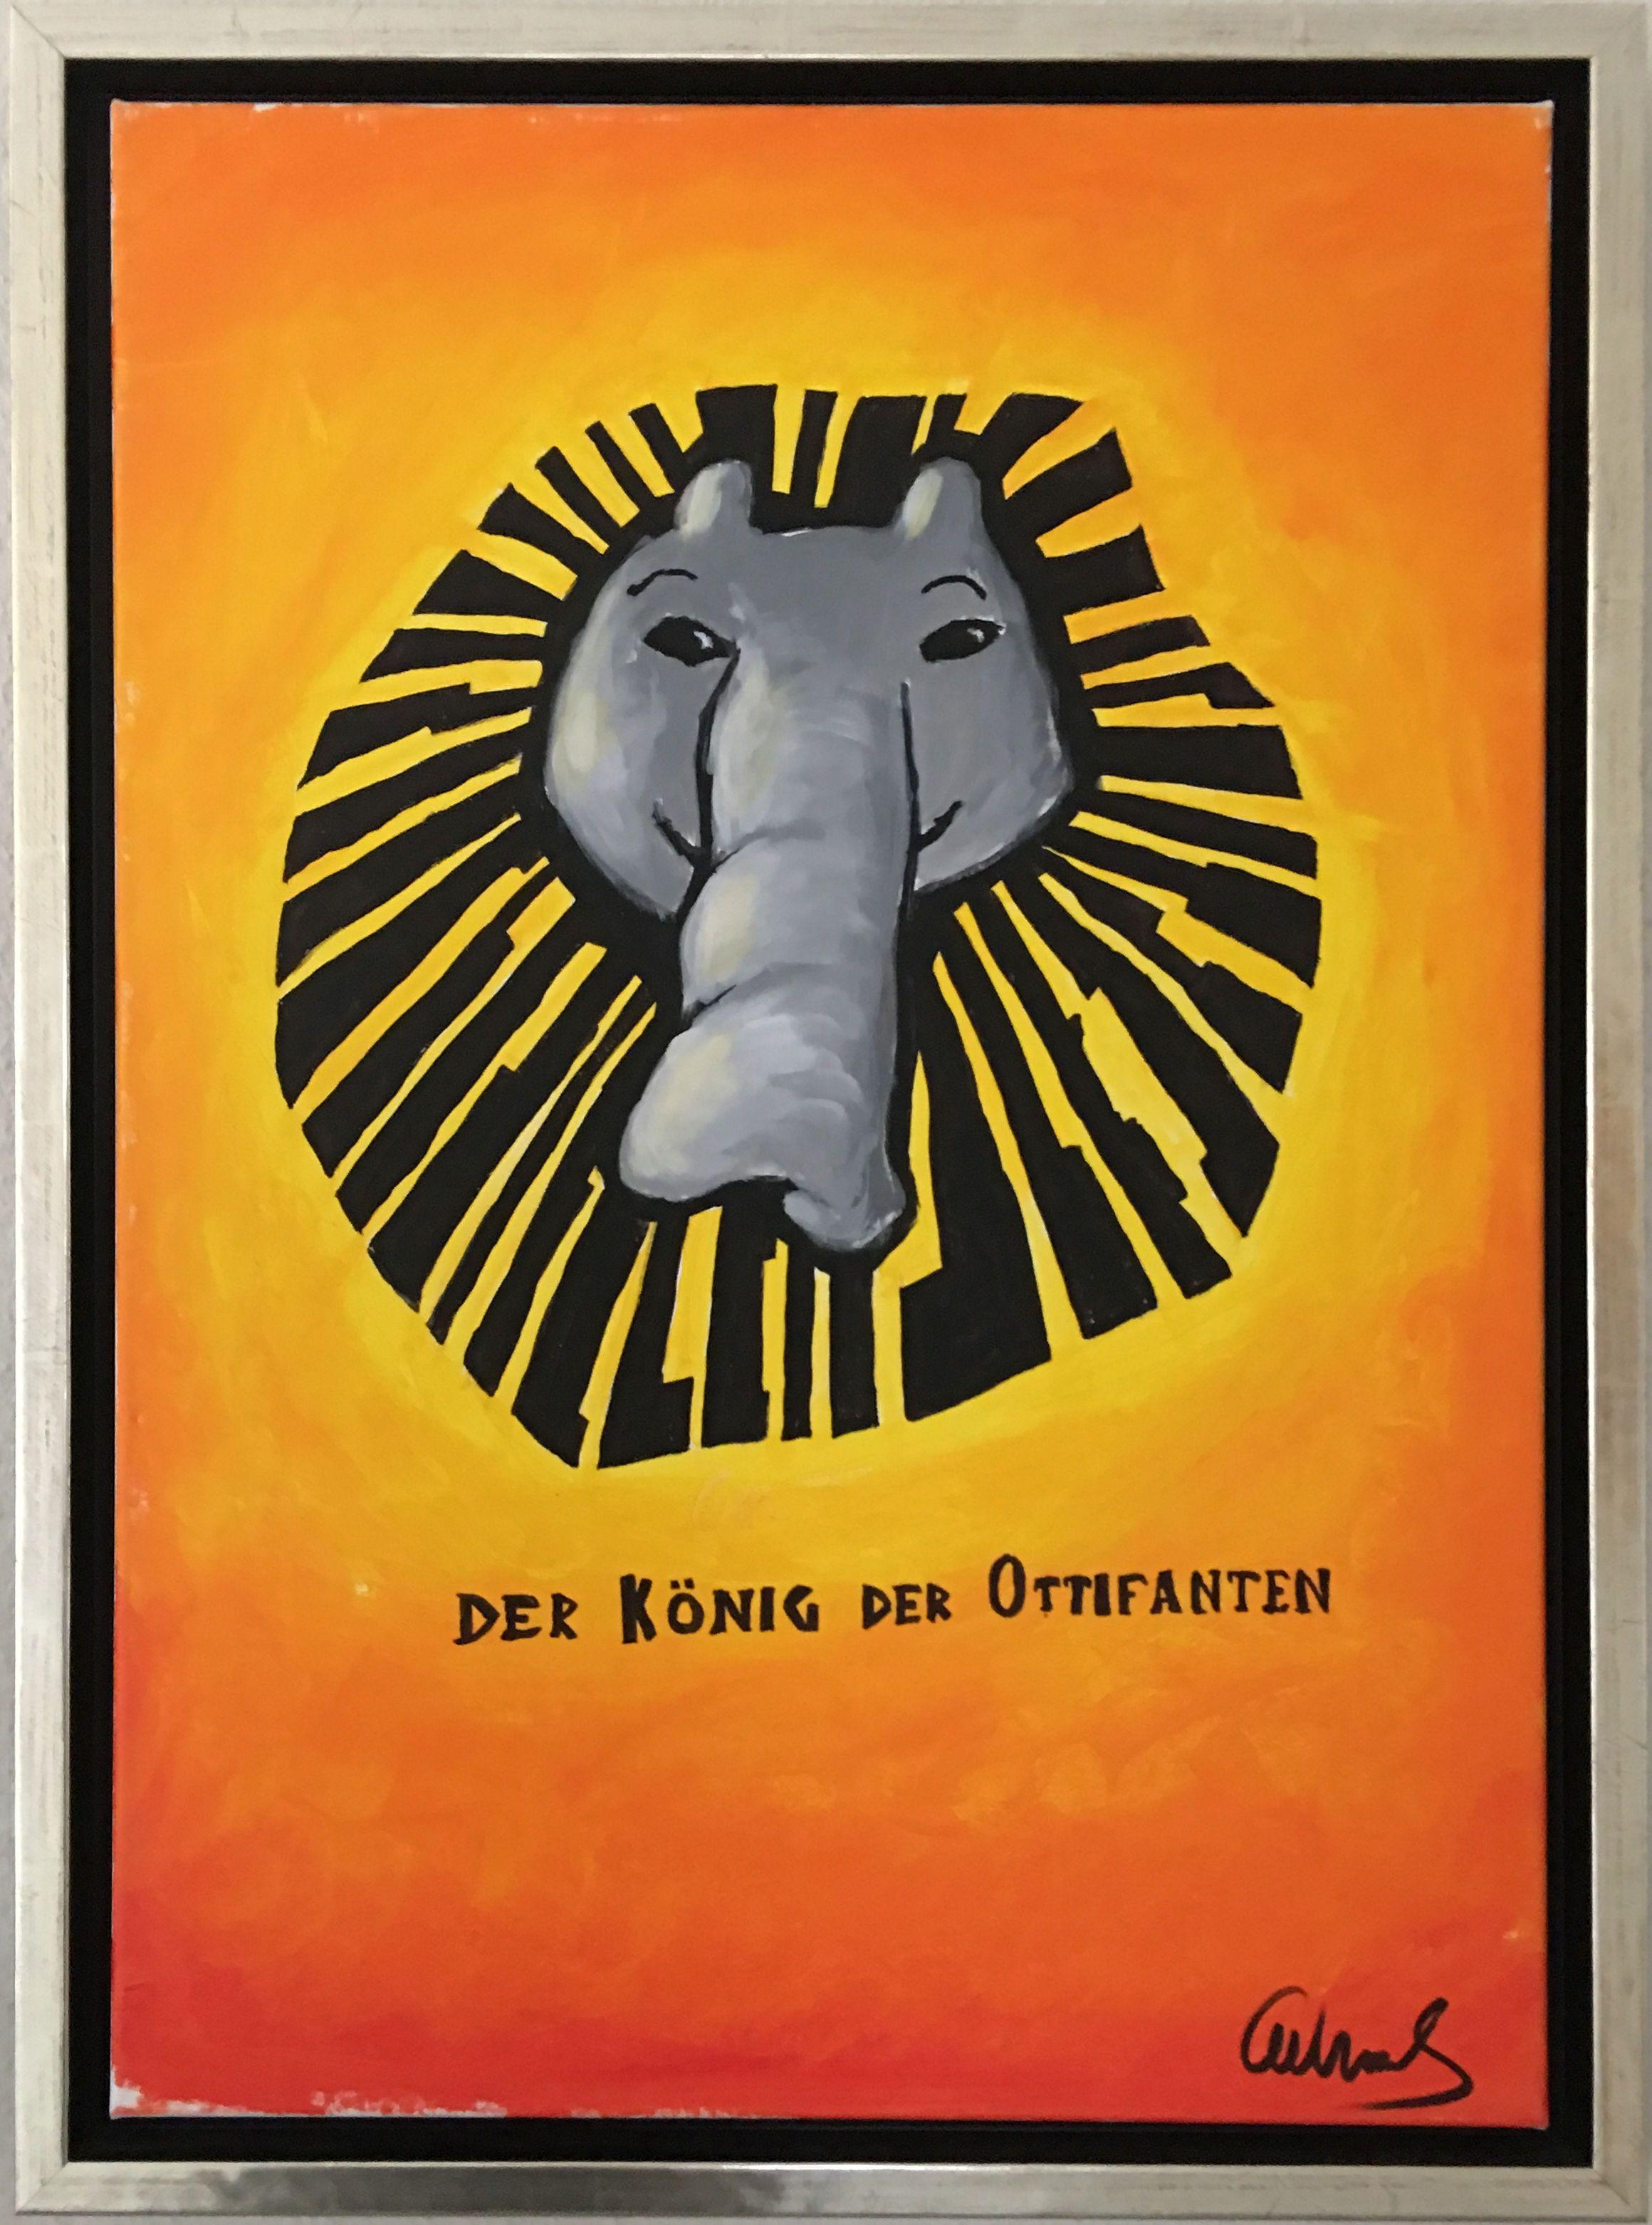 Der Konig Der Ottifanten Gemalde Von Otto Waalkes Gemalde Artpop Bilder